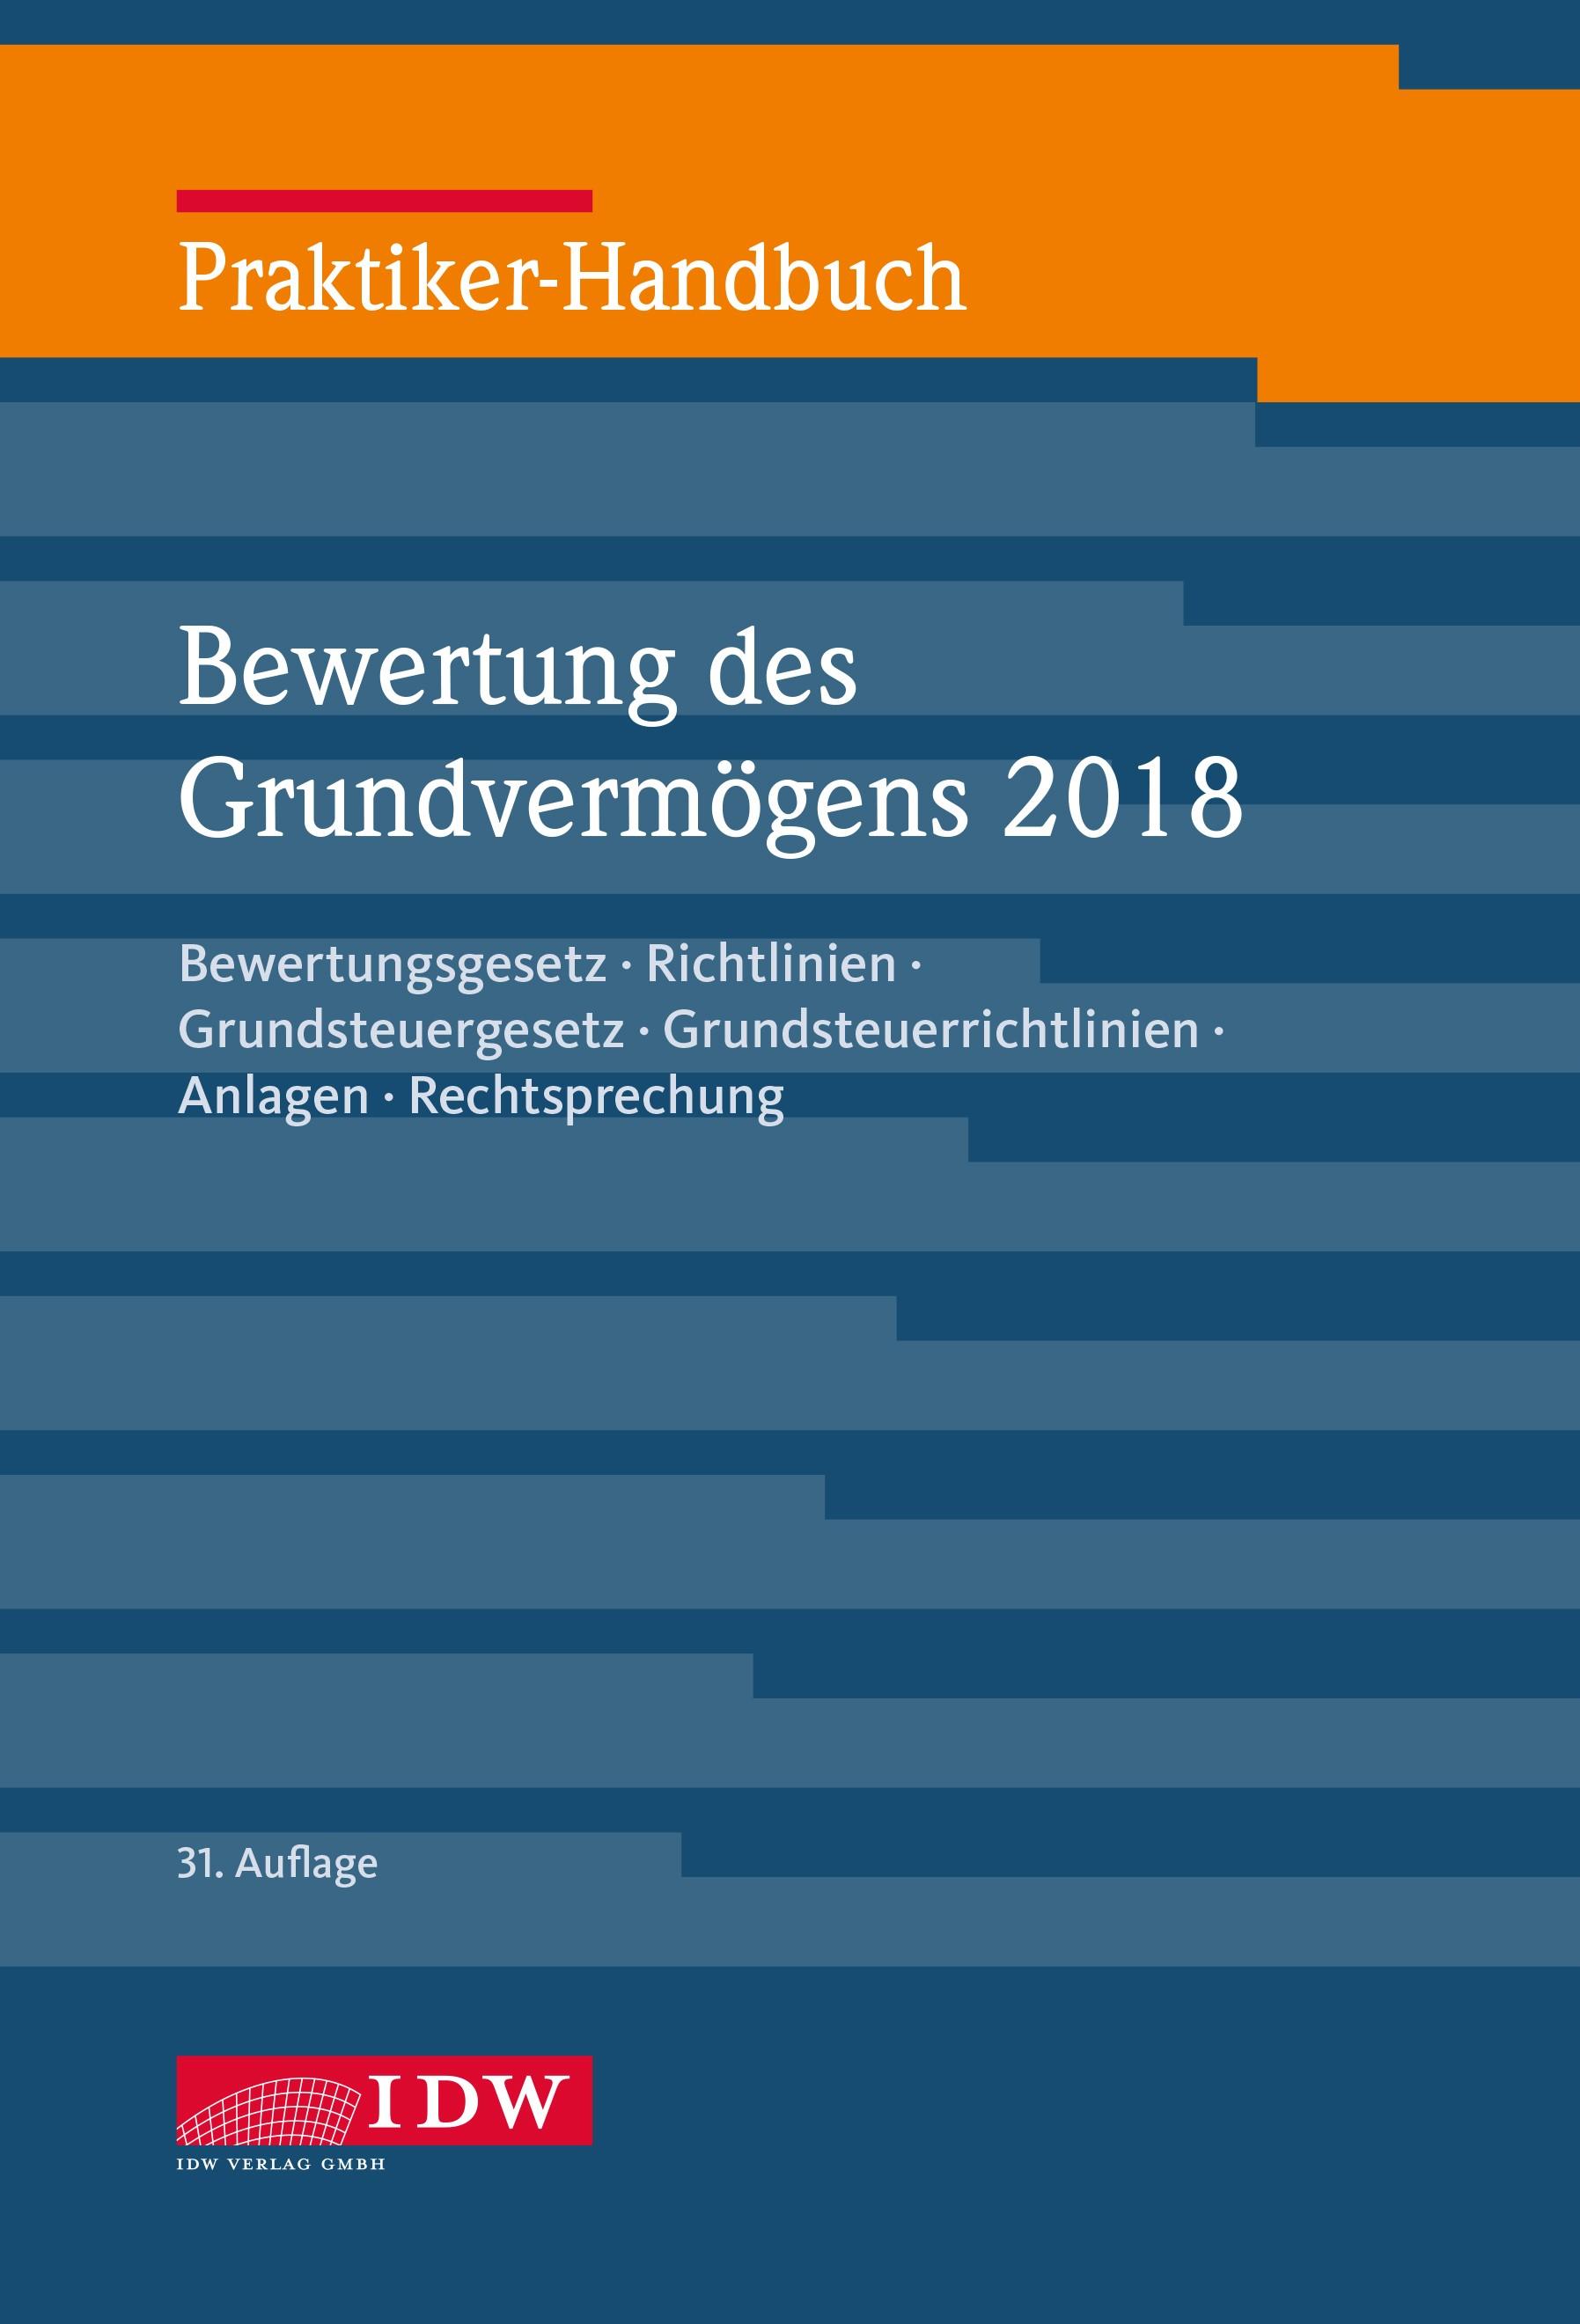 Praktiker-Handbuch Bewertung des Grundvermögens 2018 | Institut der Wirtschaftsprüfer | 31. Auflage 2018, 2018 | Buch (Cover)